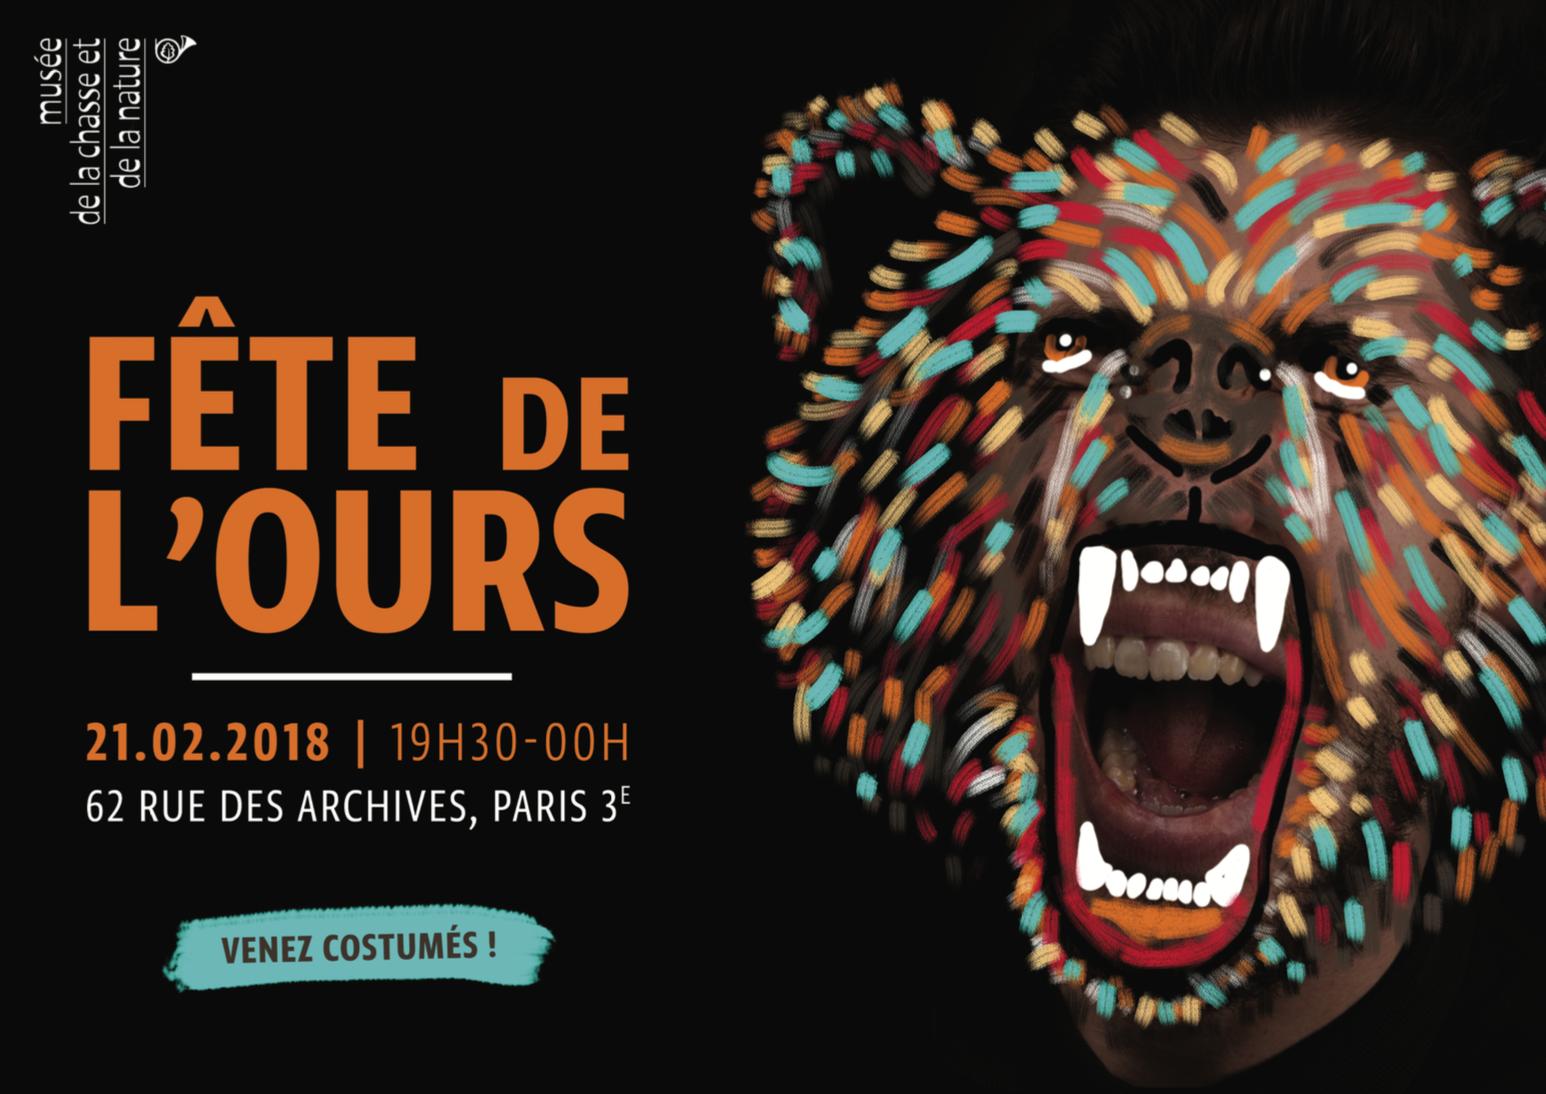 Fête de l'ours musée de la chasse et de la nature evenement artistikrezo paris